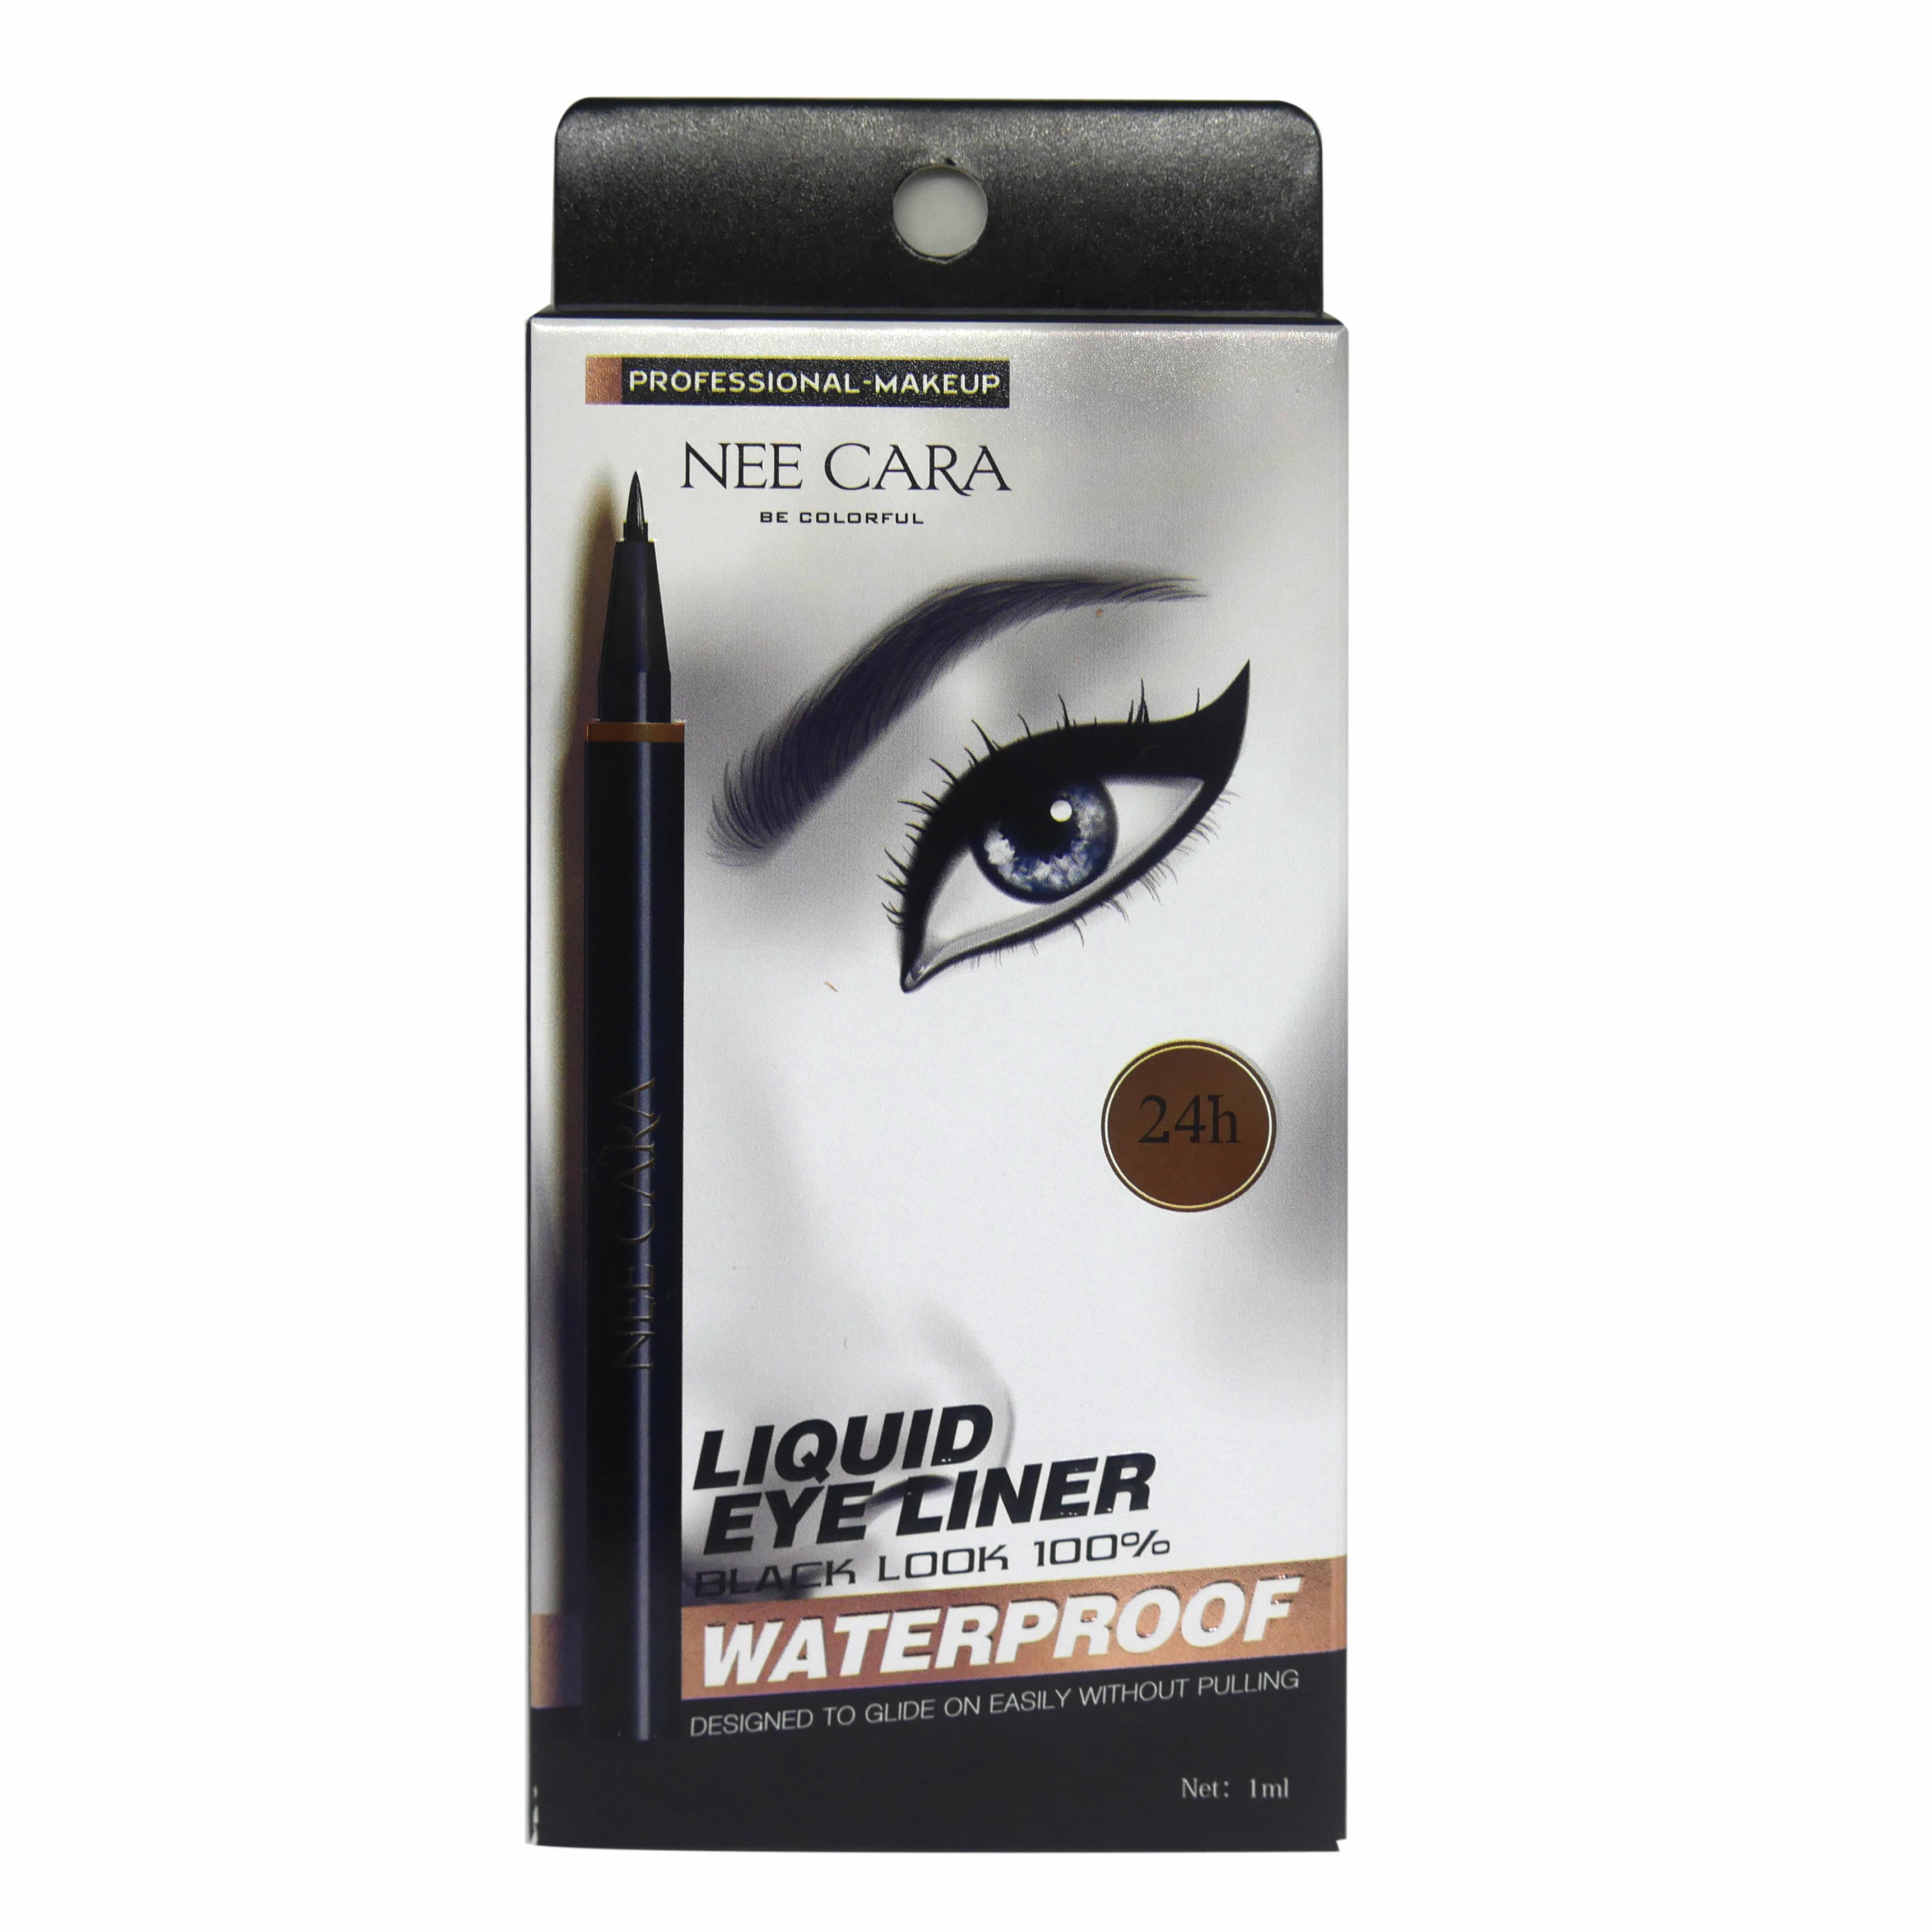 NEE CARA Liquid eye Liner Black Look